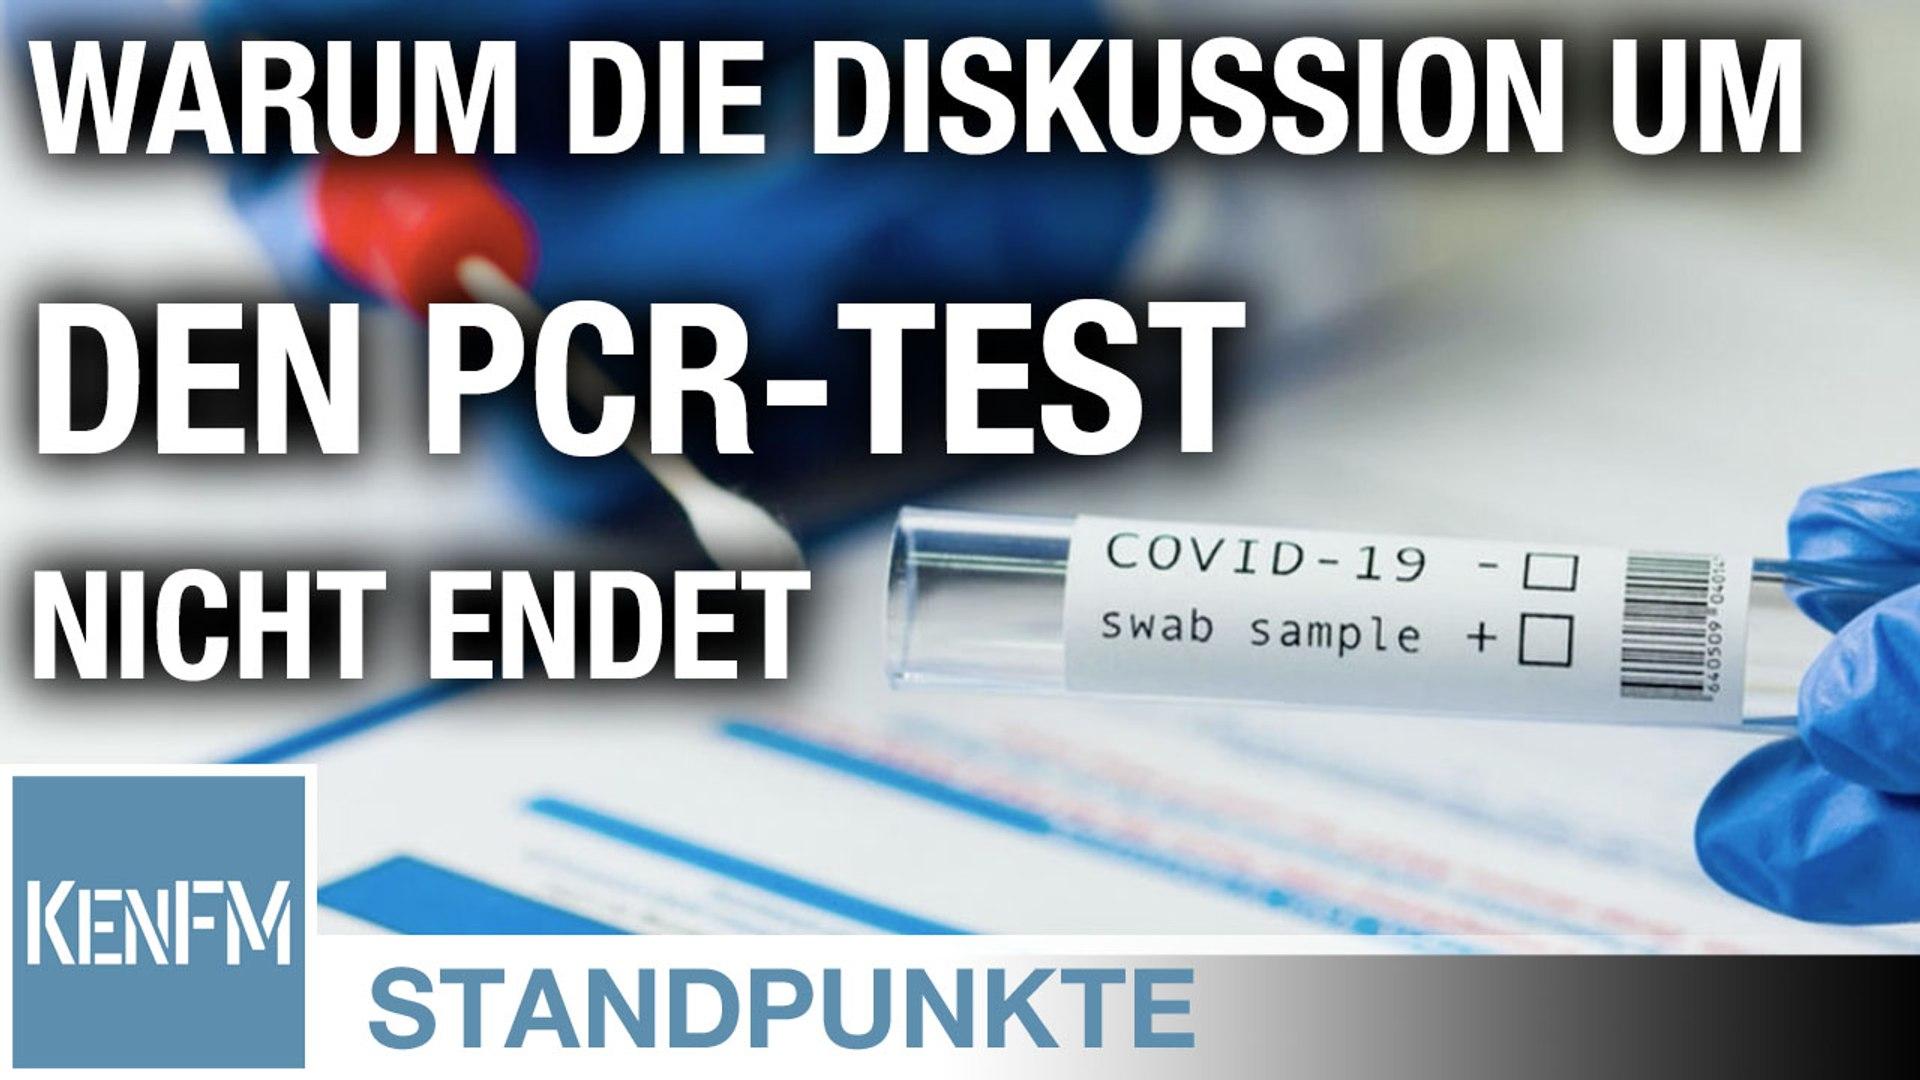 Warum die Diskussion um den PCR-Test nicht endet • STANDPUNKTE